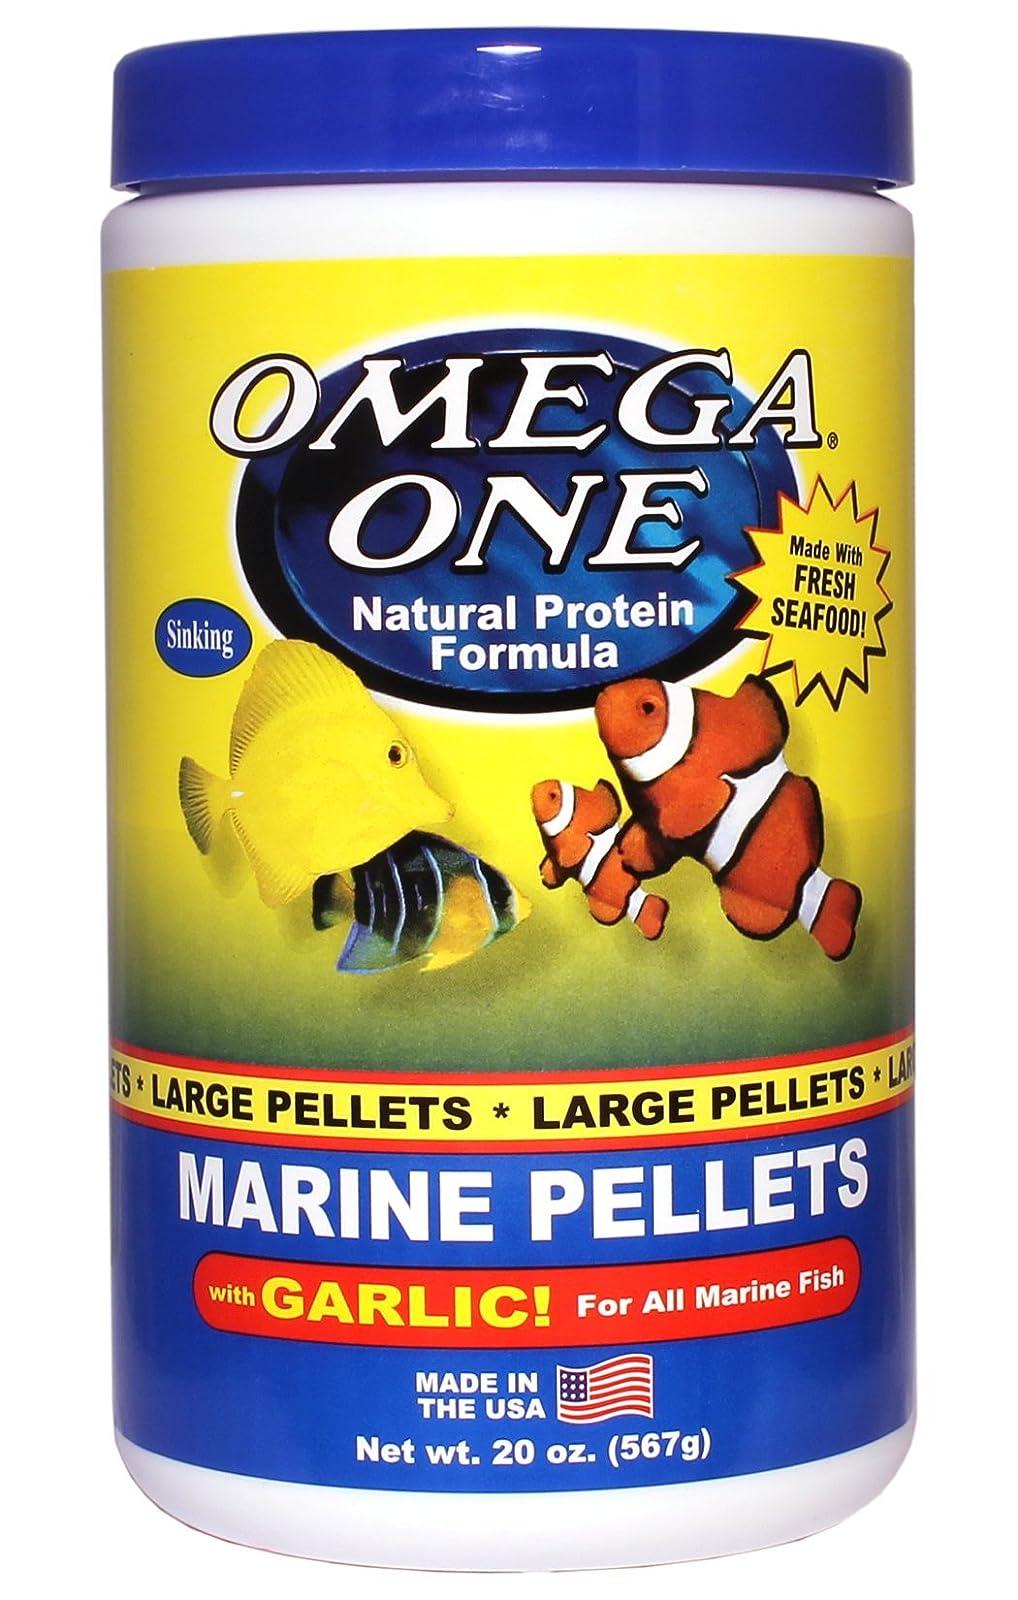 Omega One Garlic Marine Pellets - Large Sinking 04511 - 1